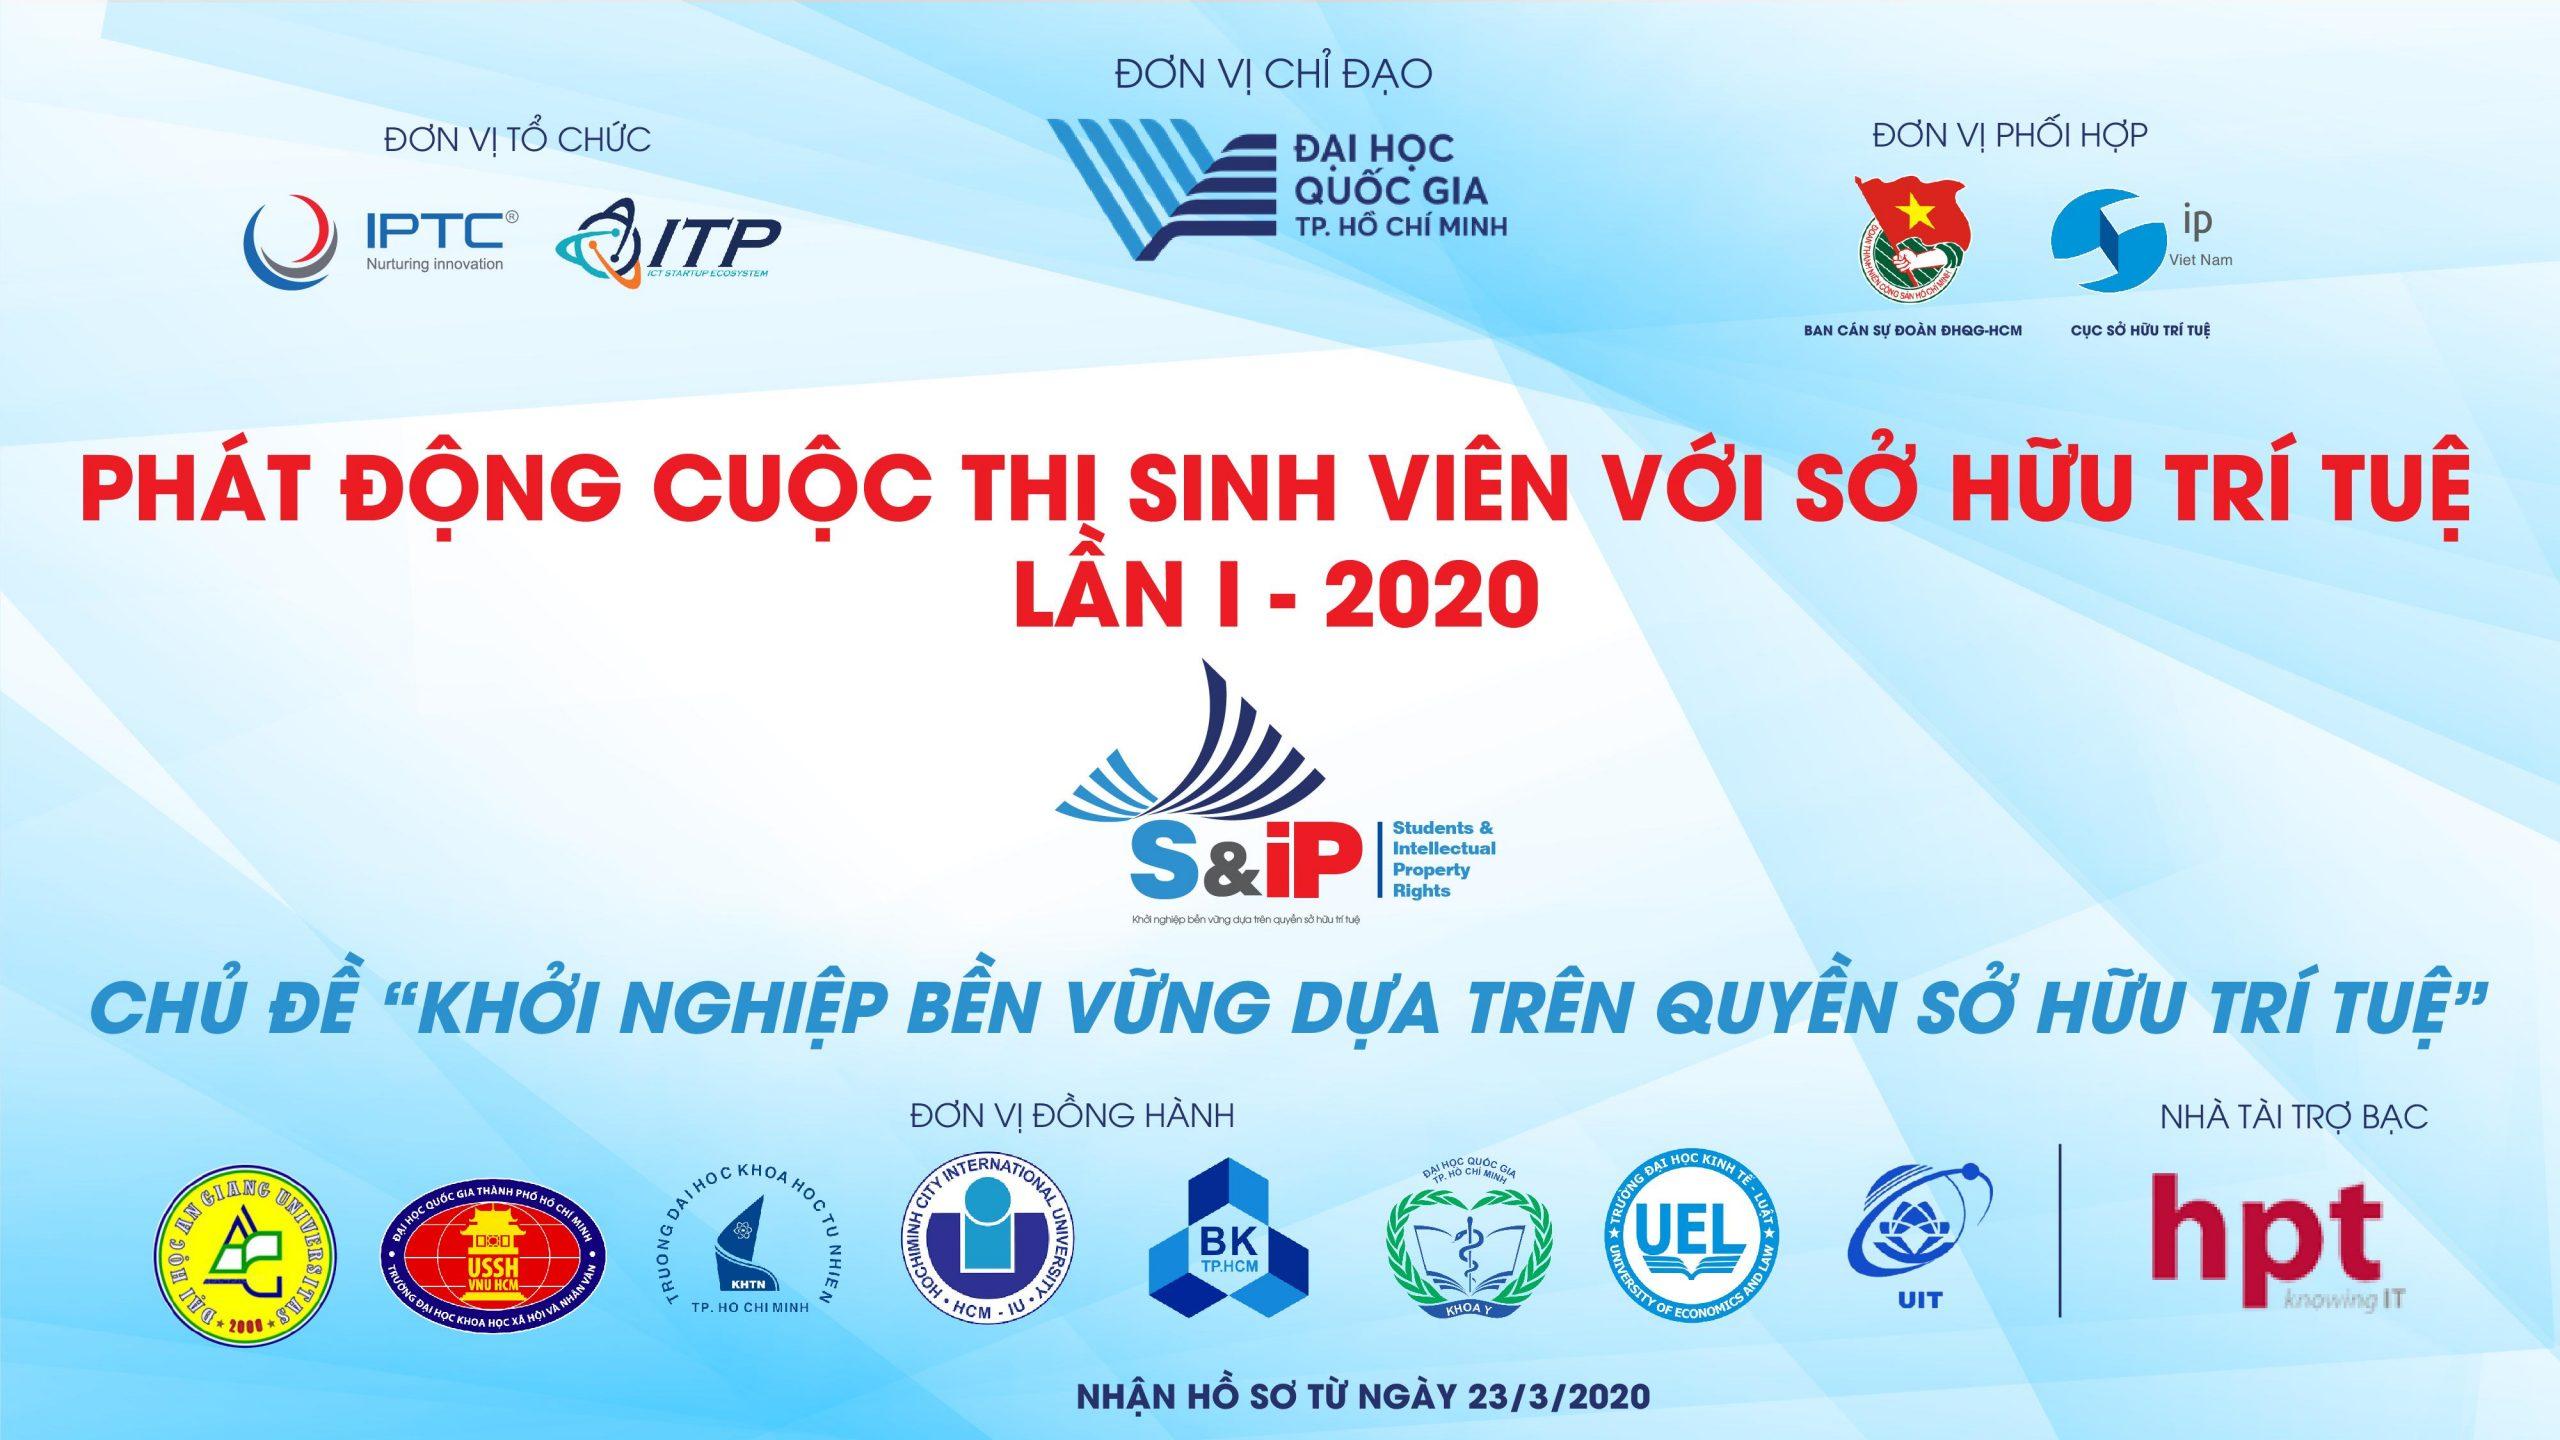 """Thông báo: Về việc gia hạn thời gian nhận dự án tham gia cuộc thi """"Sinh viên với quyền sở hữu trí tuệ"""" lần I – 2020 (SIP)"""